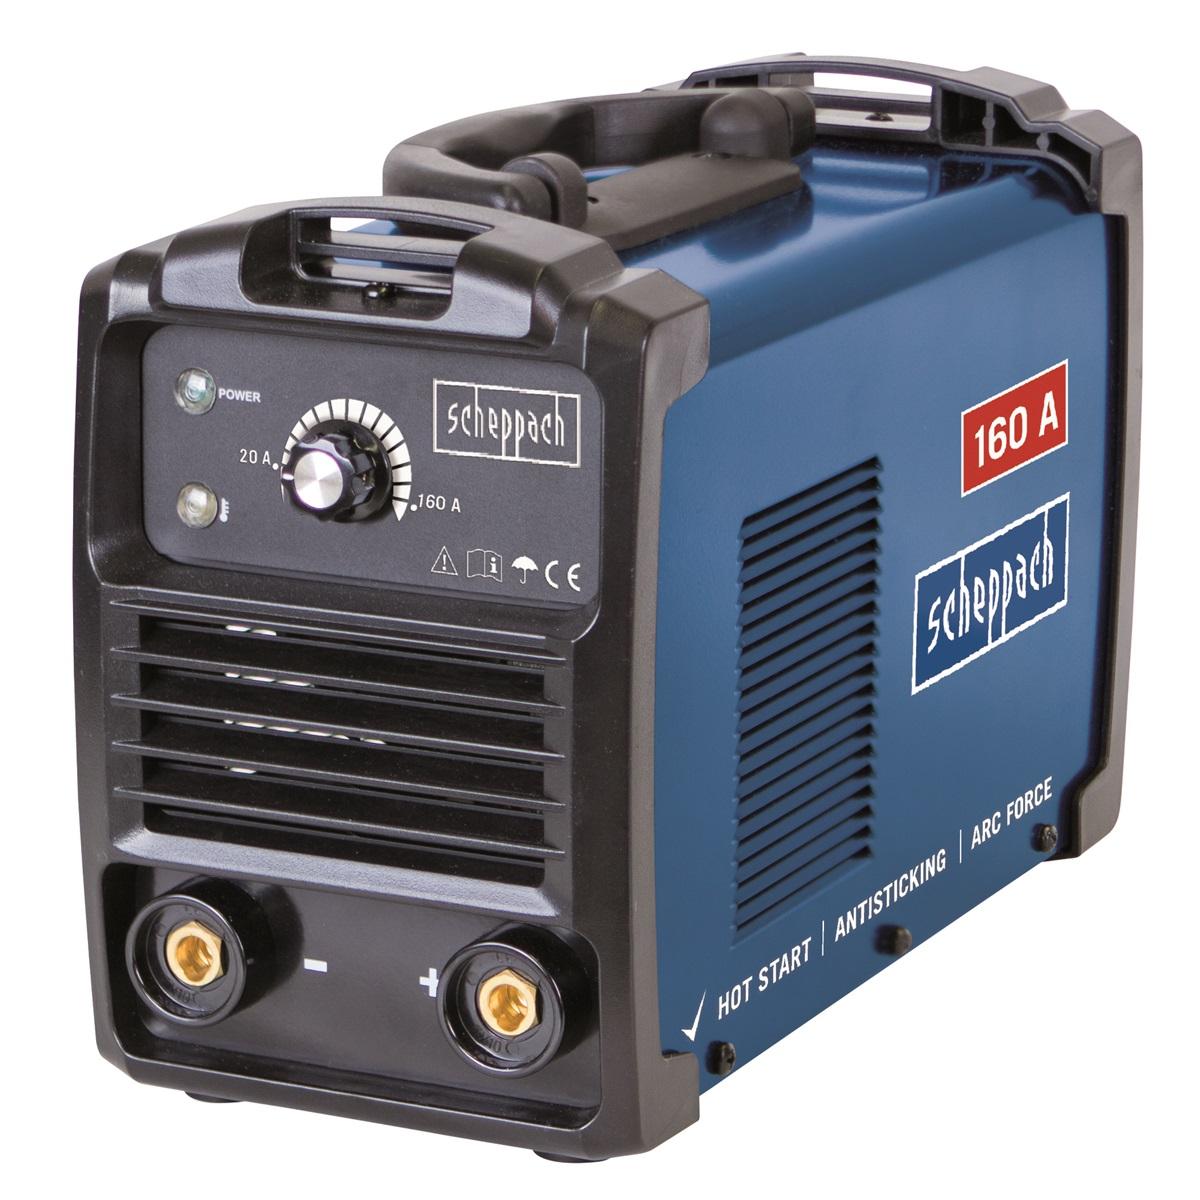 Scheppach WSE1100, svářecí invertor 160 A s příslušenstvím